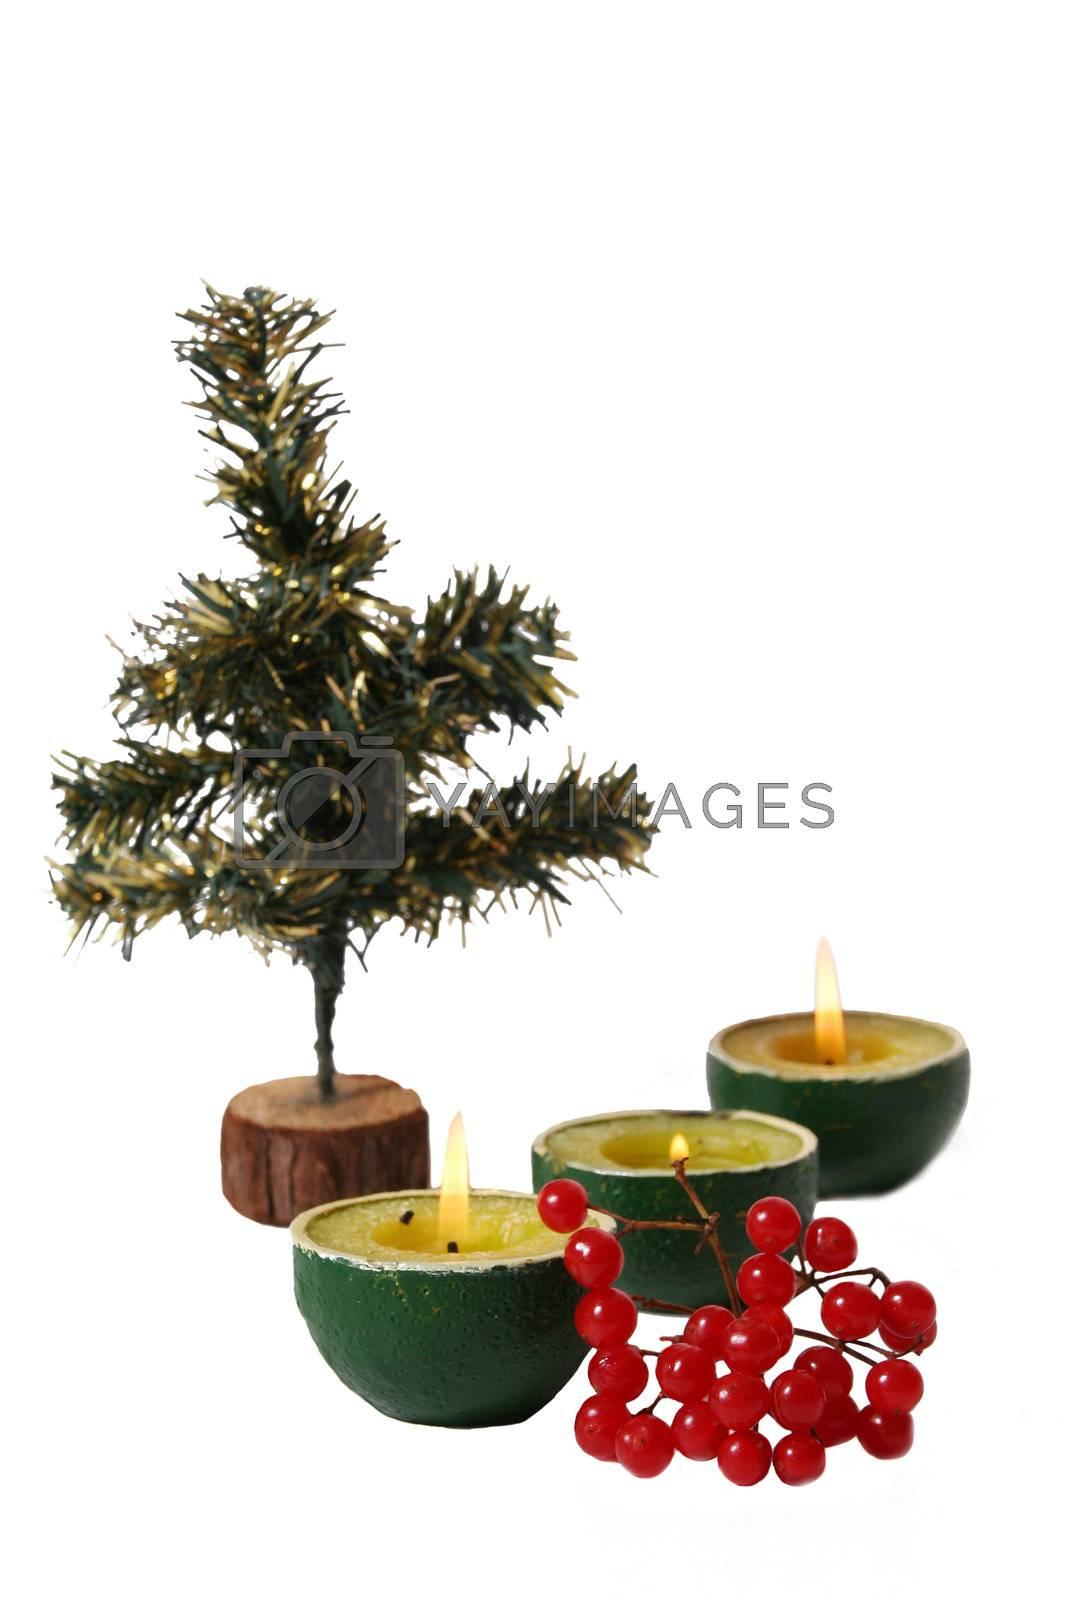 lighting holiday christmas candle illuminated  burning isolated